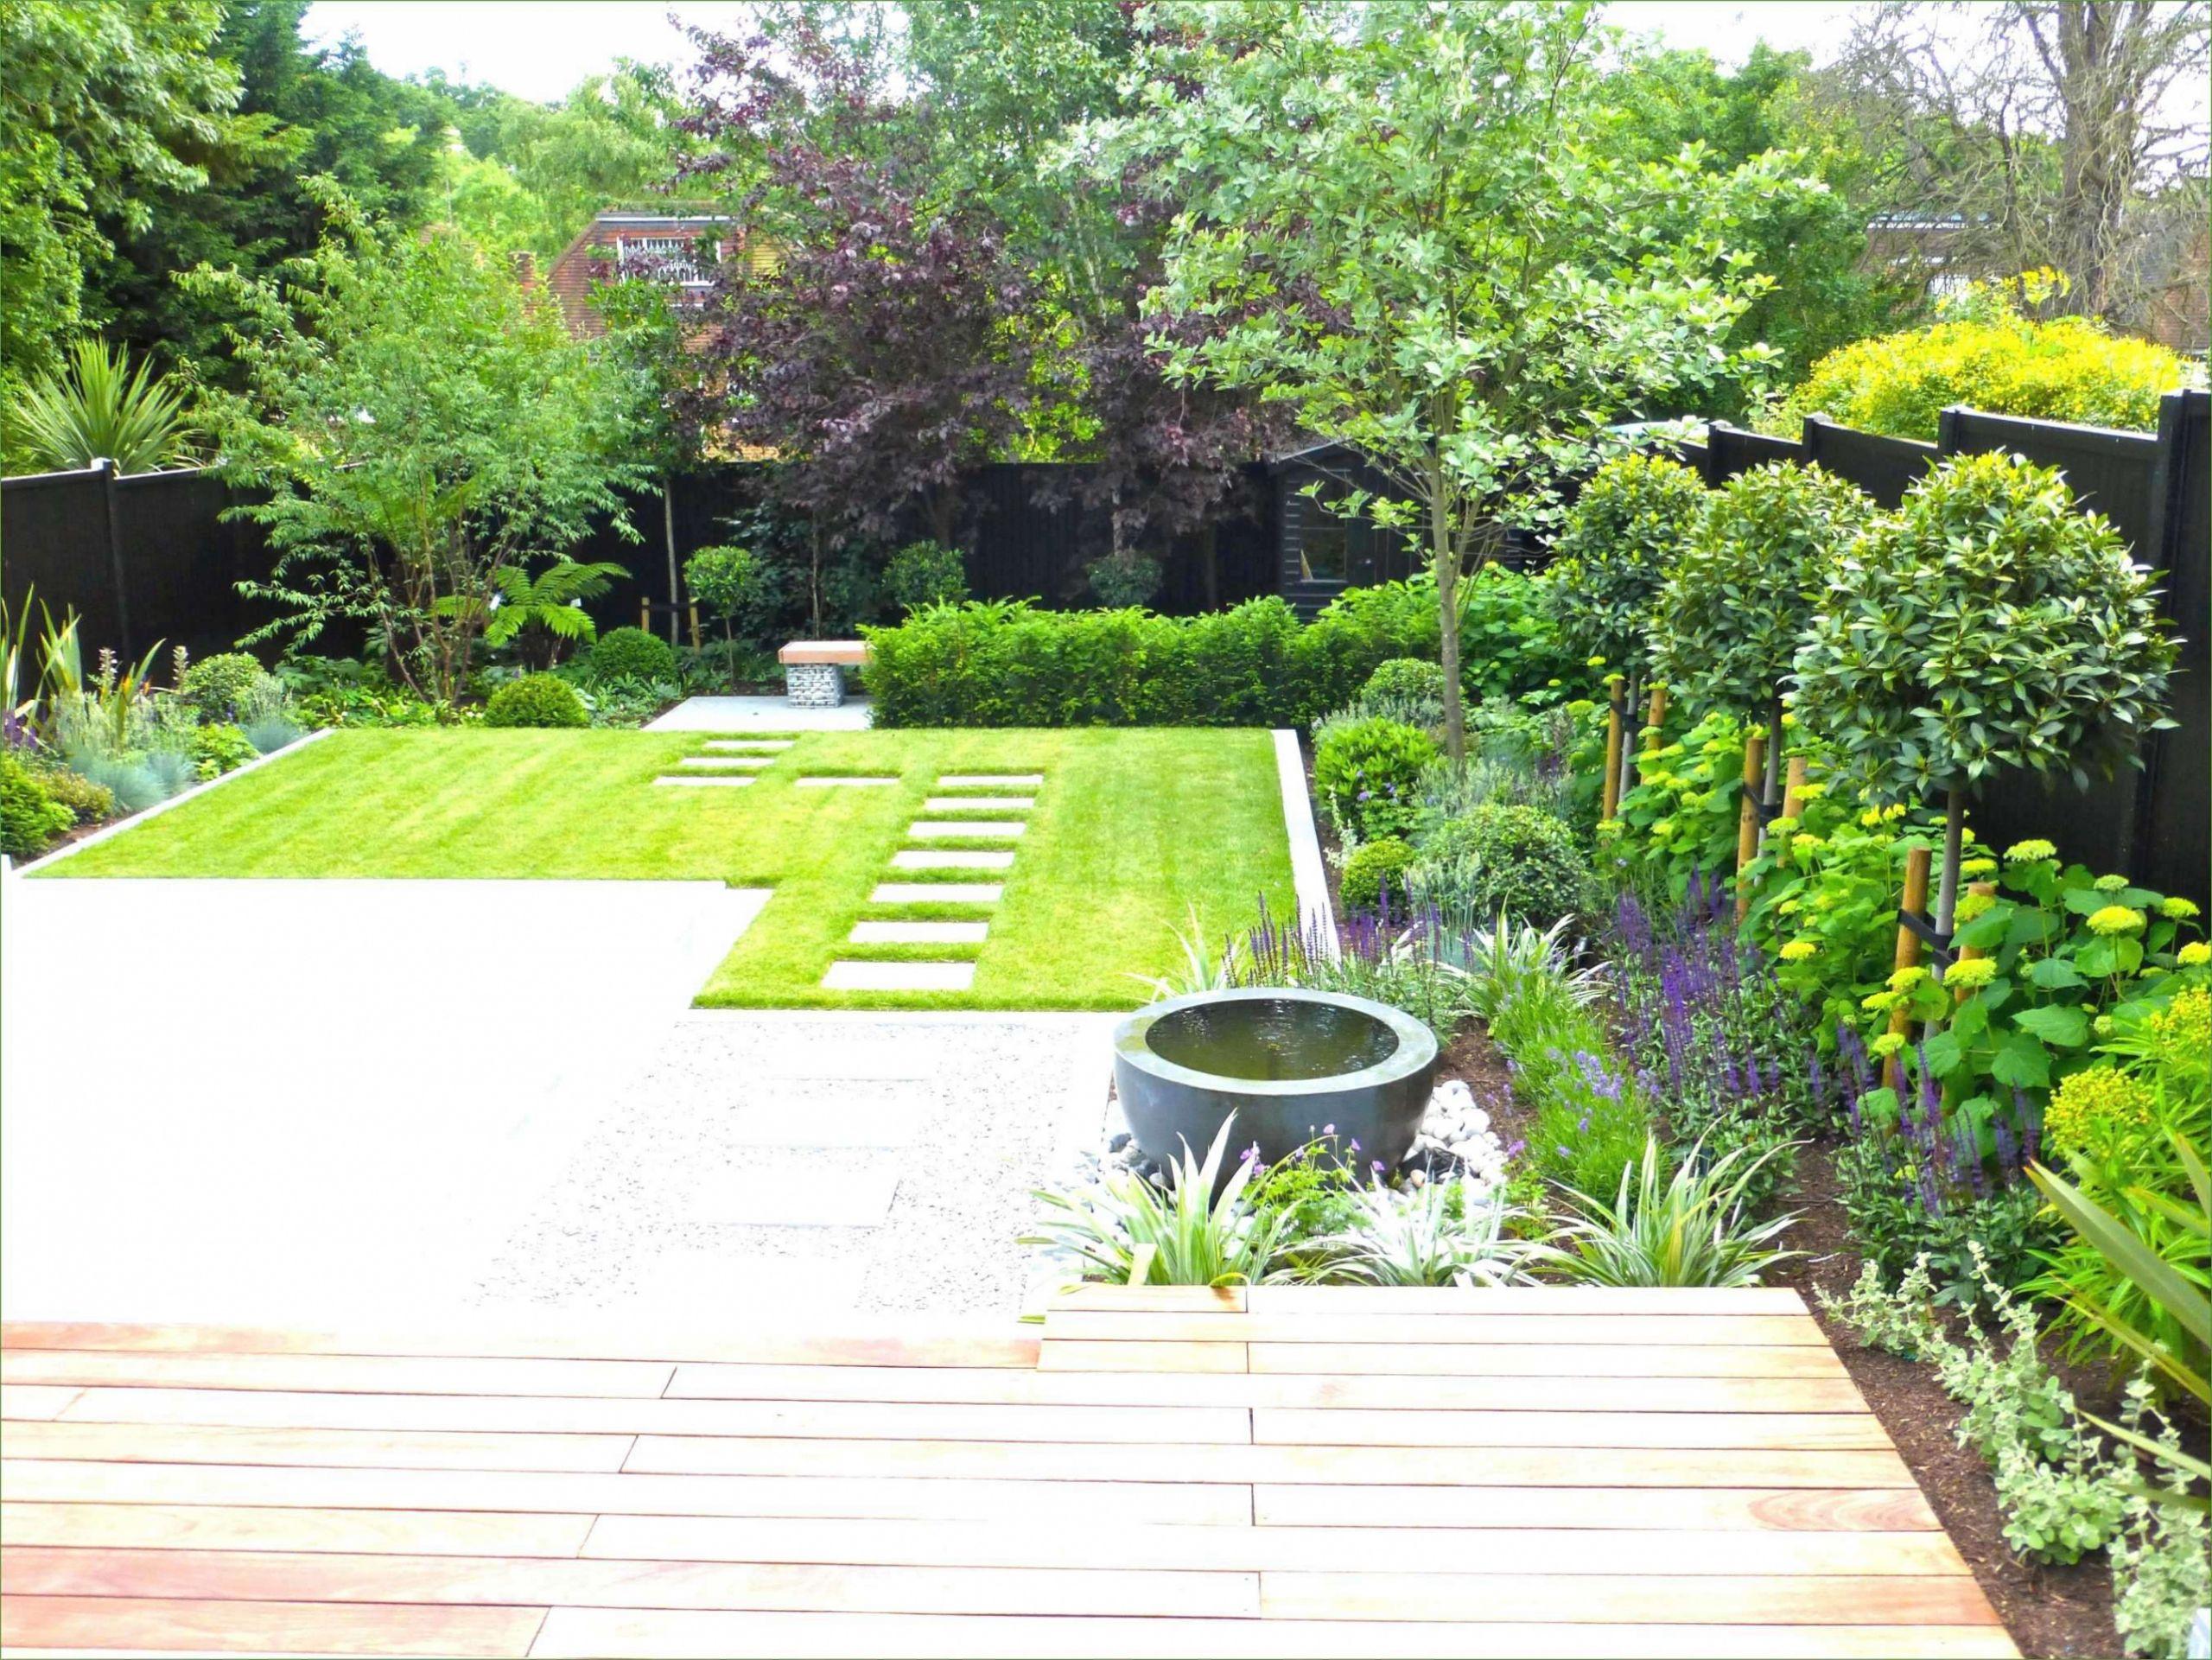 Gartengestaltung Kies Neu Gartengestaltung Ideen Mit Steinen — Temobardz Home Blog